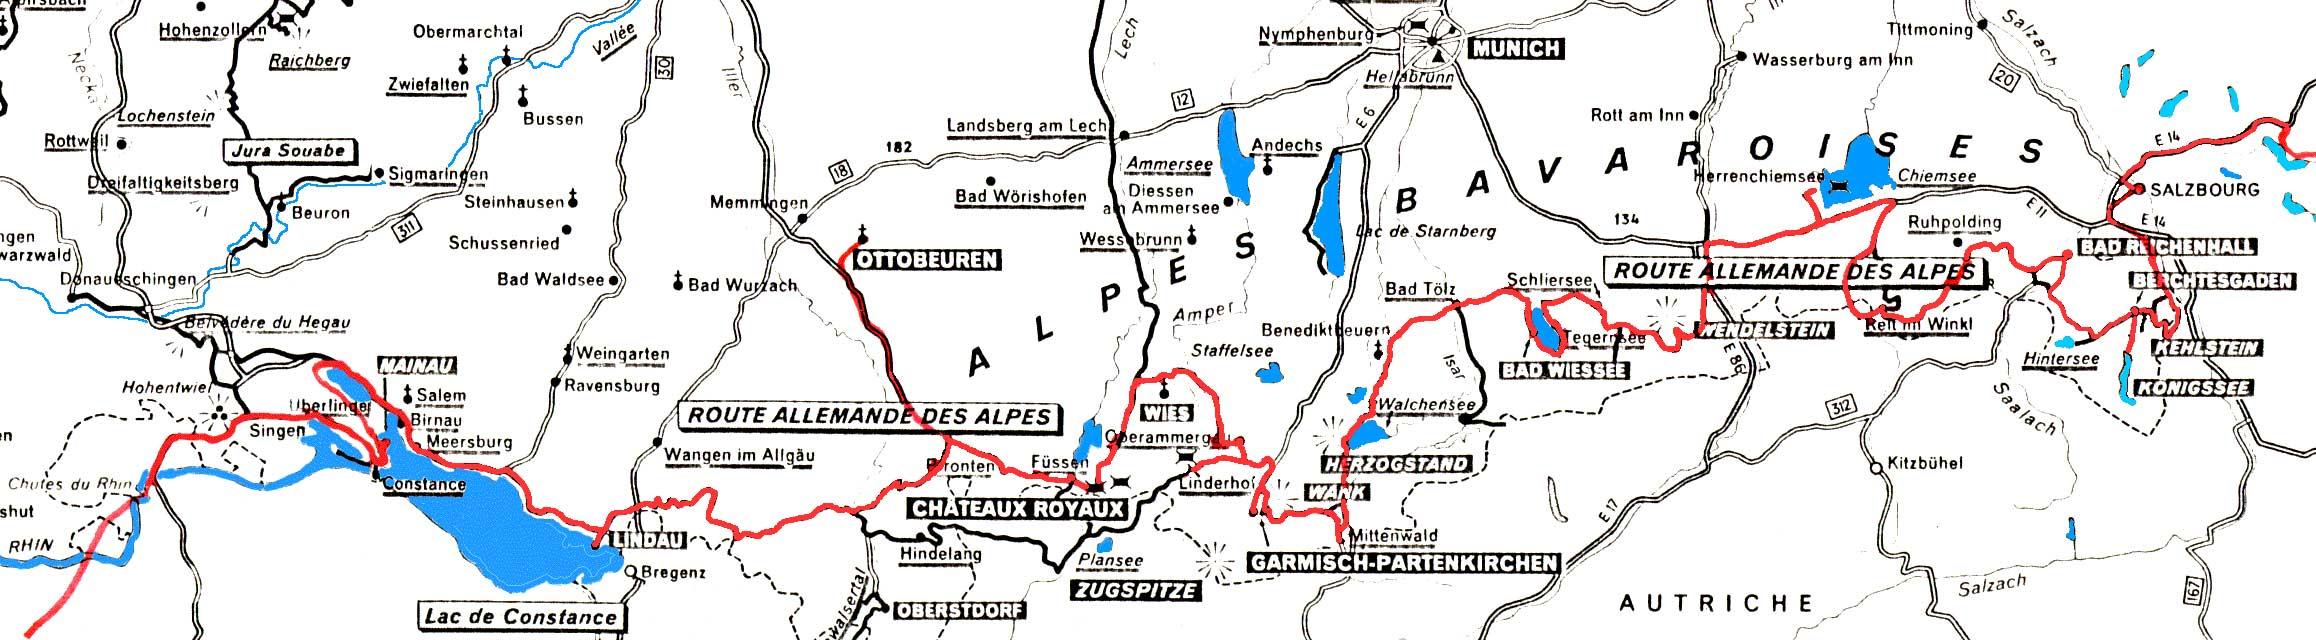 carte route allemande des alpes